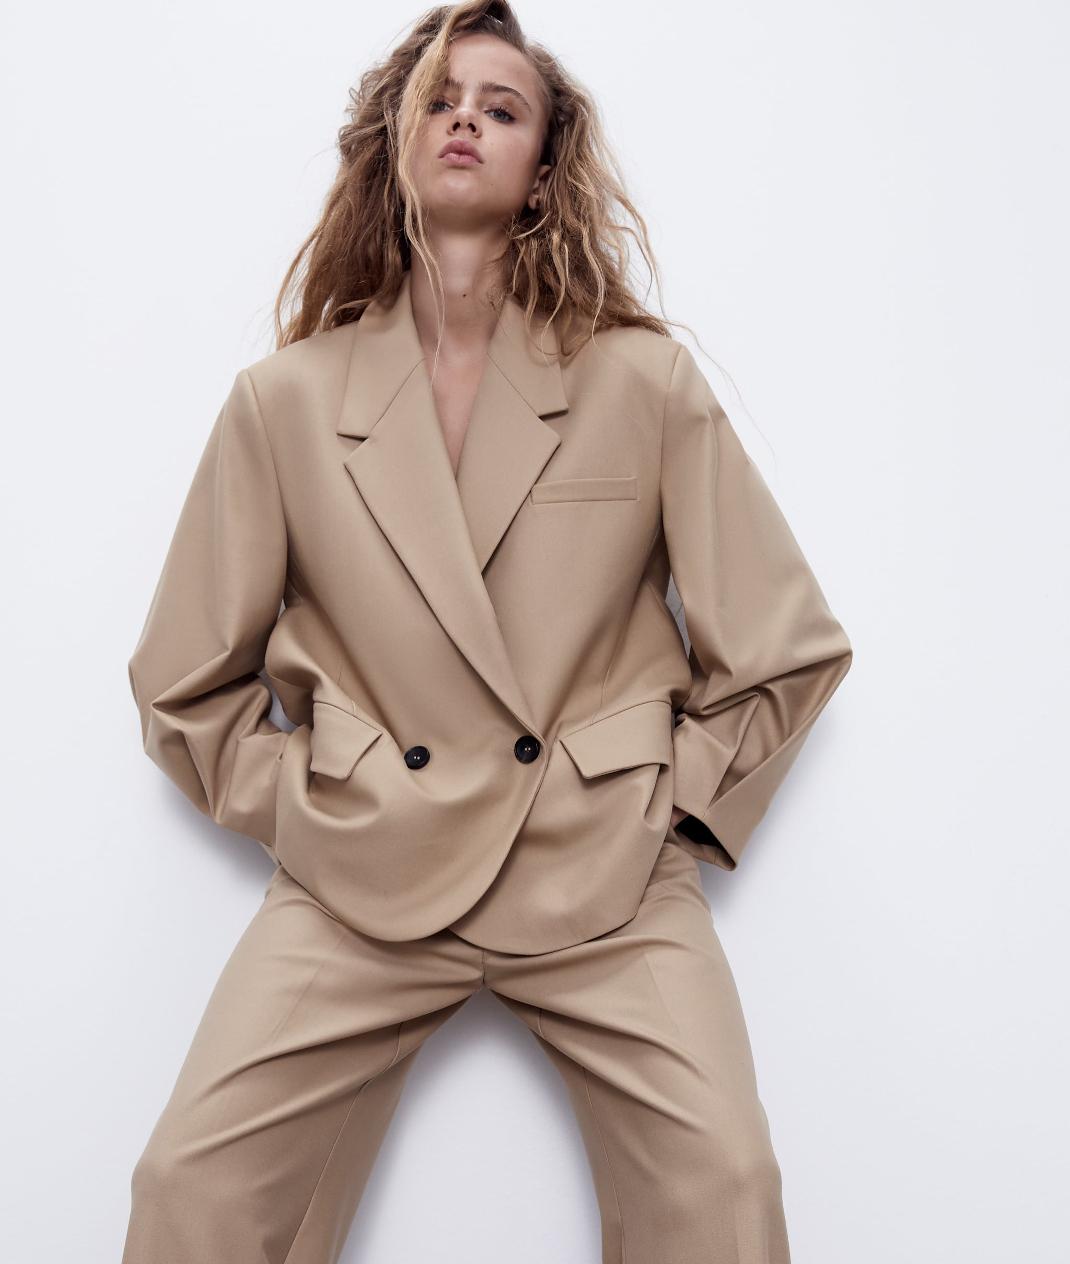 μοντέλο με σακάκι Ζara